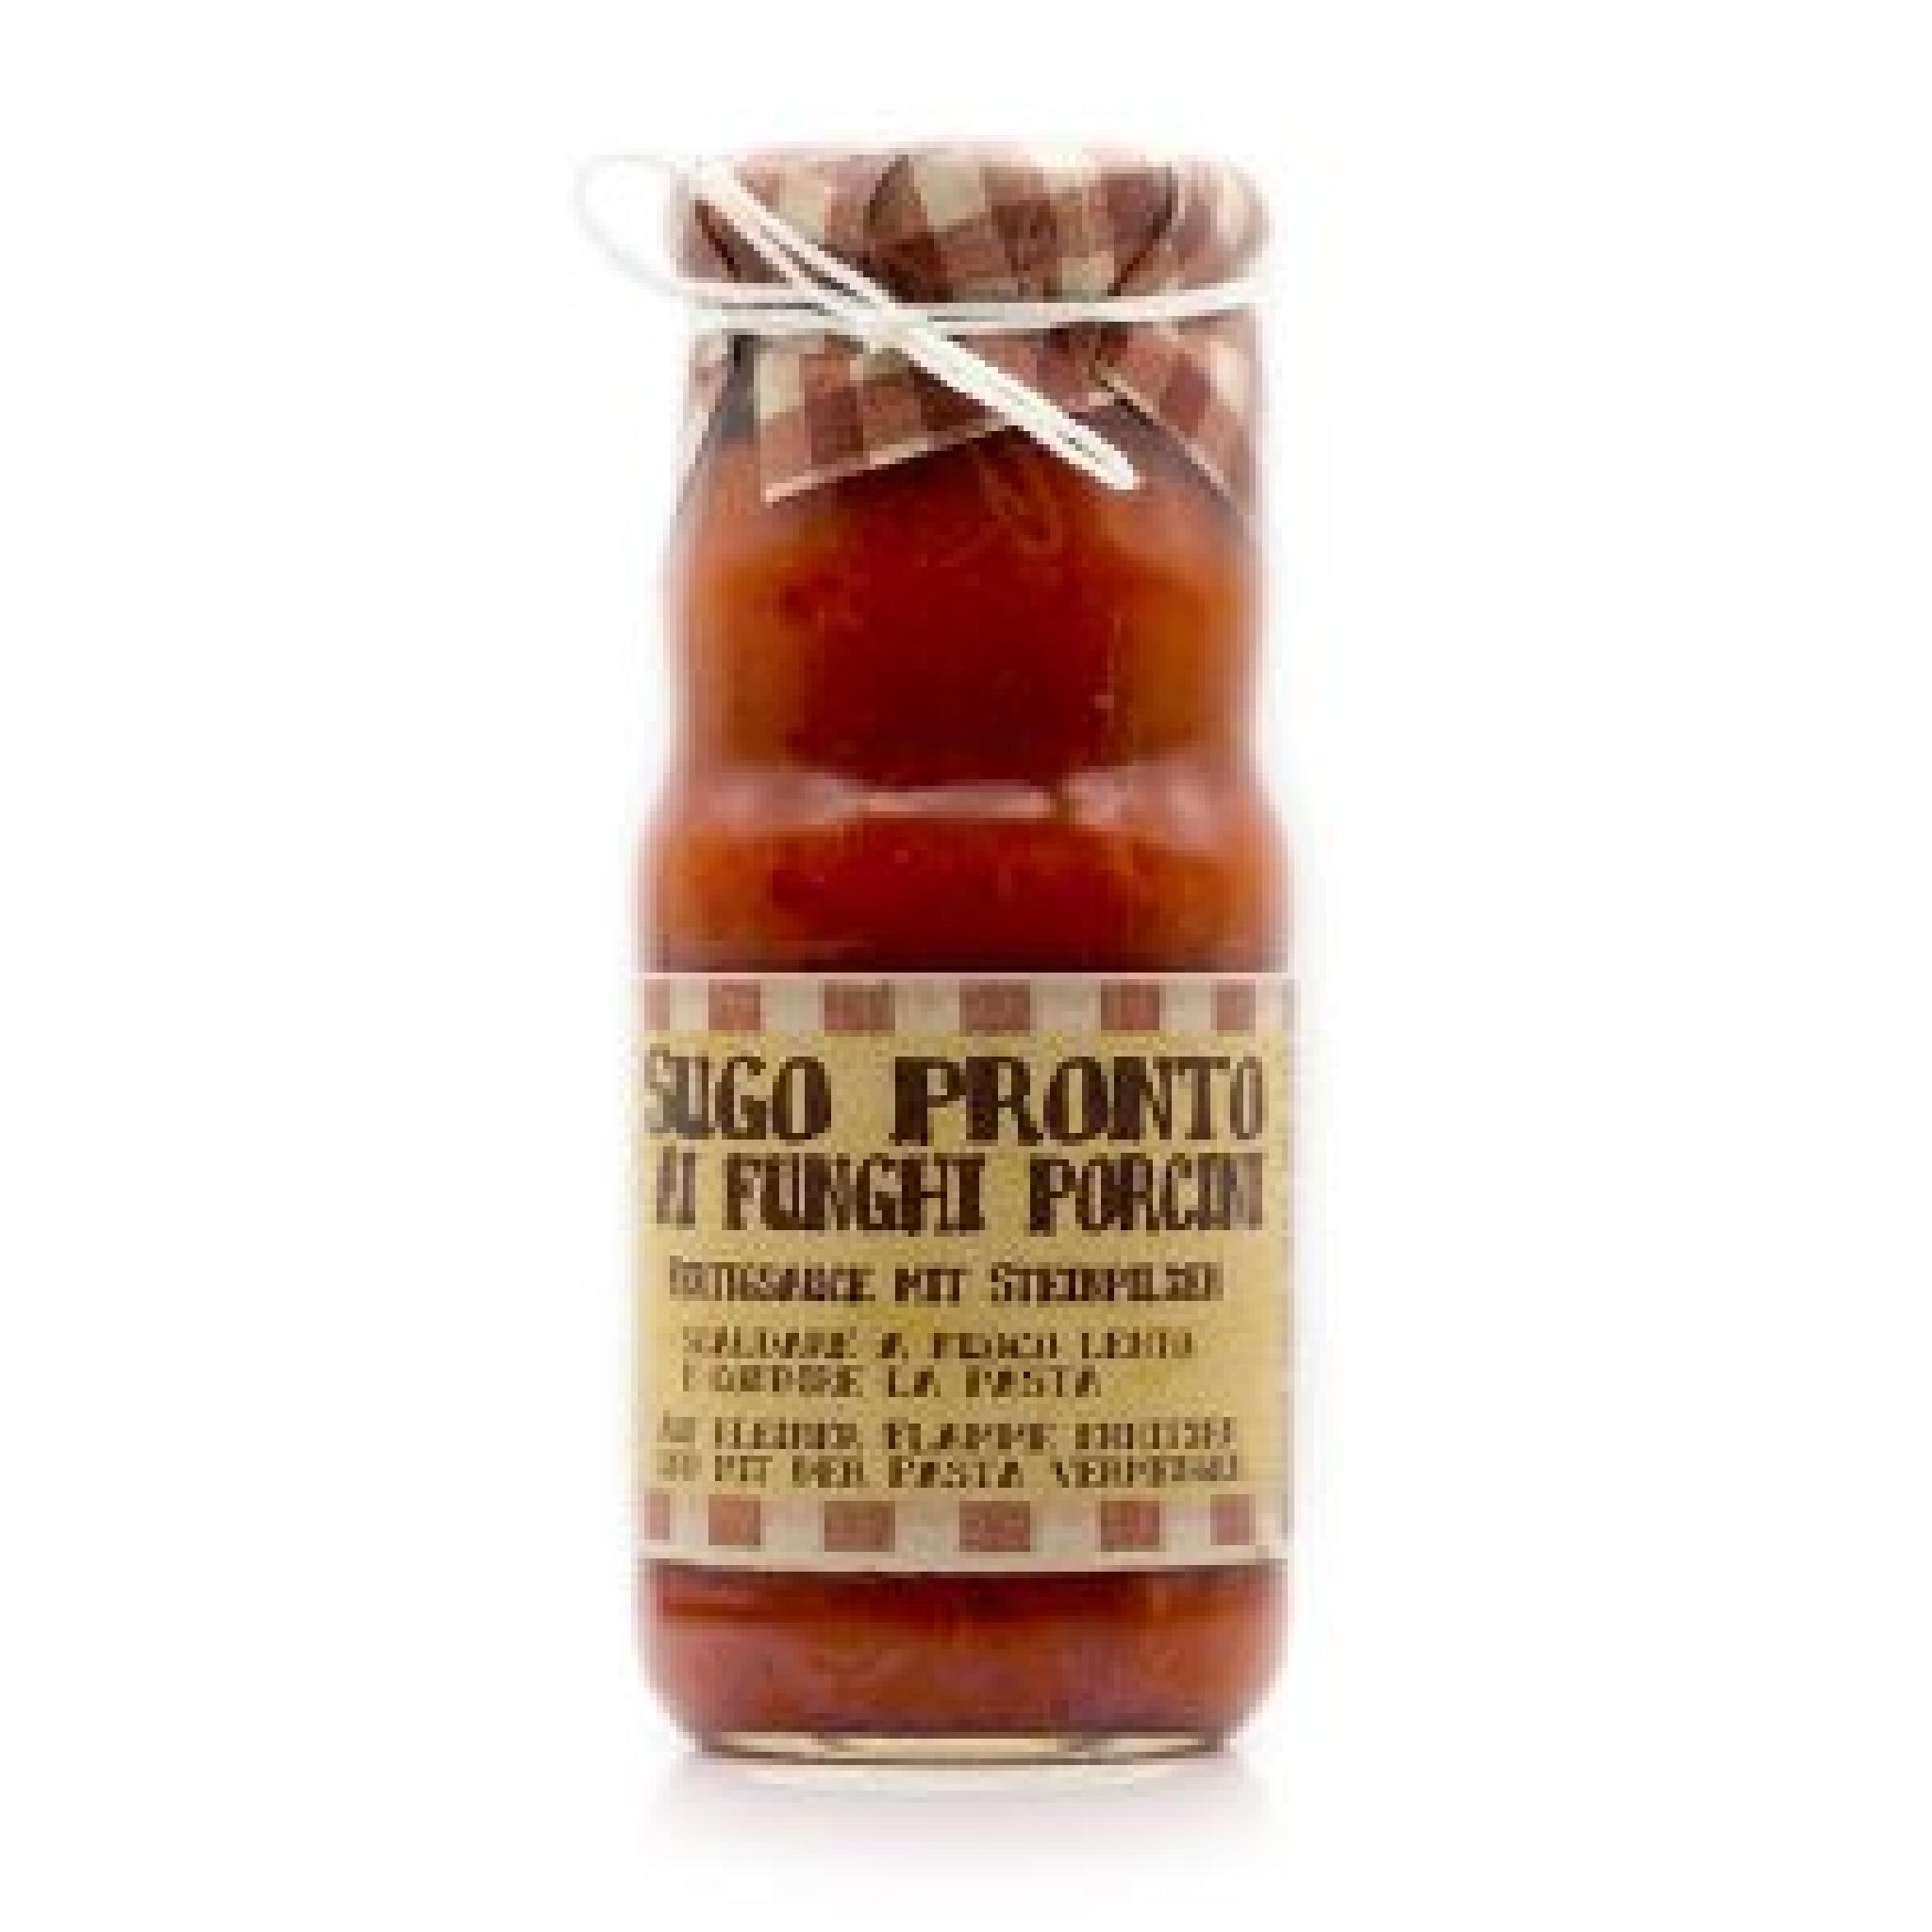 Sugo All Funghi Procini